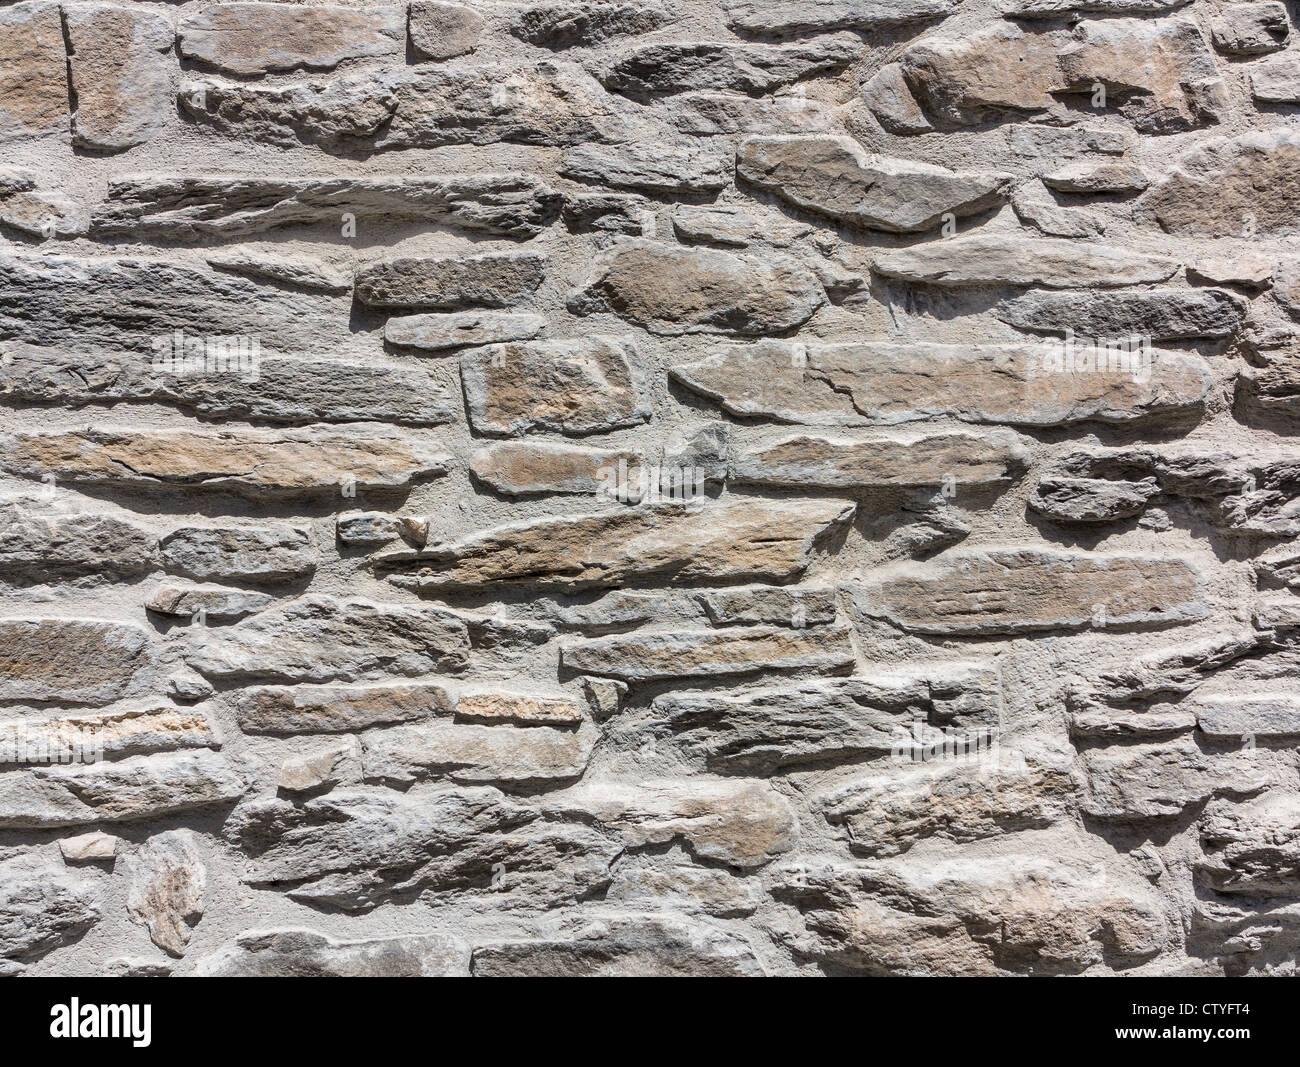 Ein Hintergrundbild von einer Steinmauer Stockbild